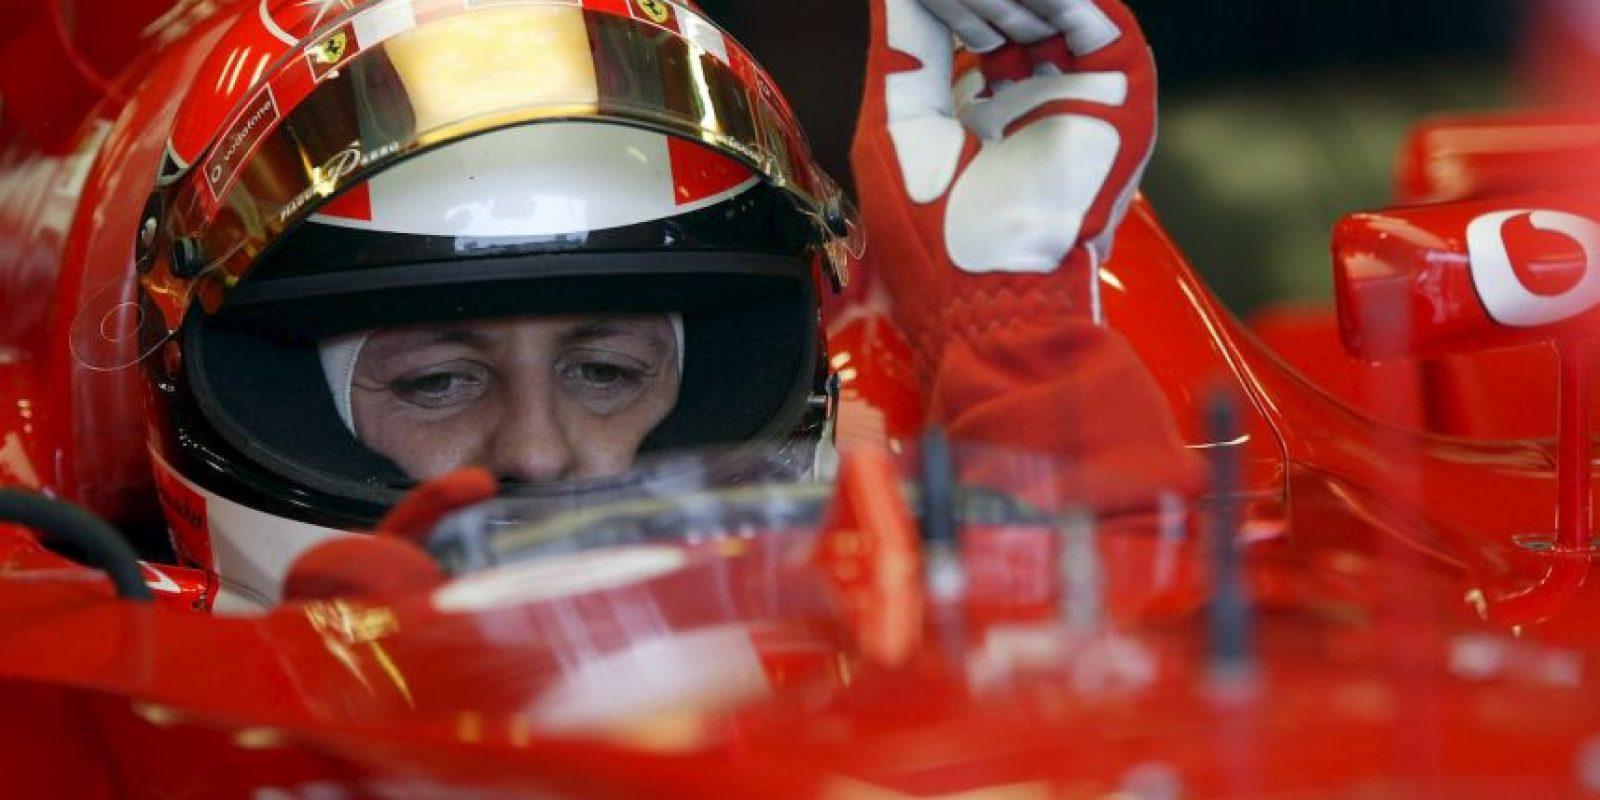 Lewis Hamilton reveló la forma en que deben orinar los pilotos de la Fórmula 1 Foto:Getty Imahes